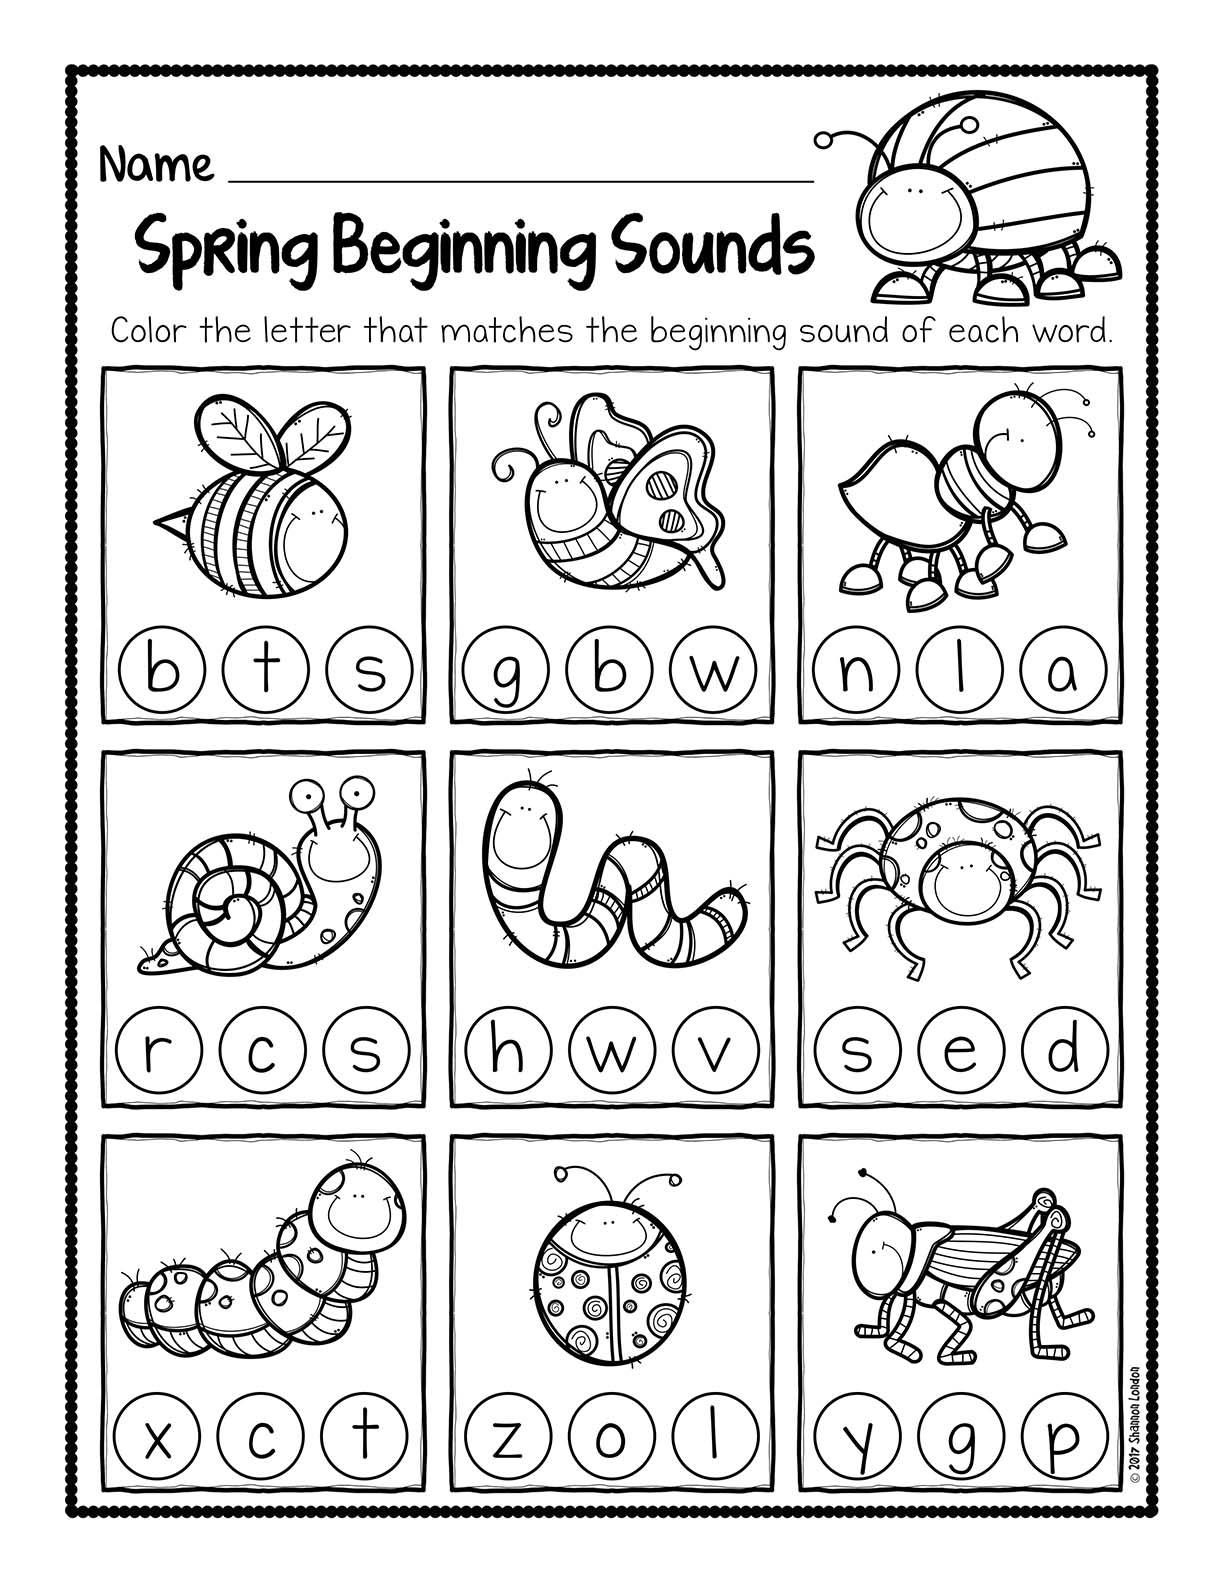 Spring Beginning Sound Worksheets 001